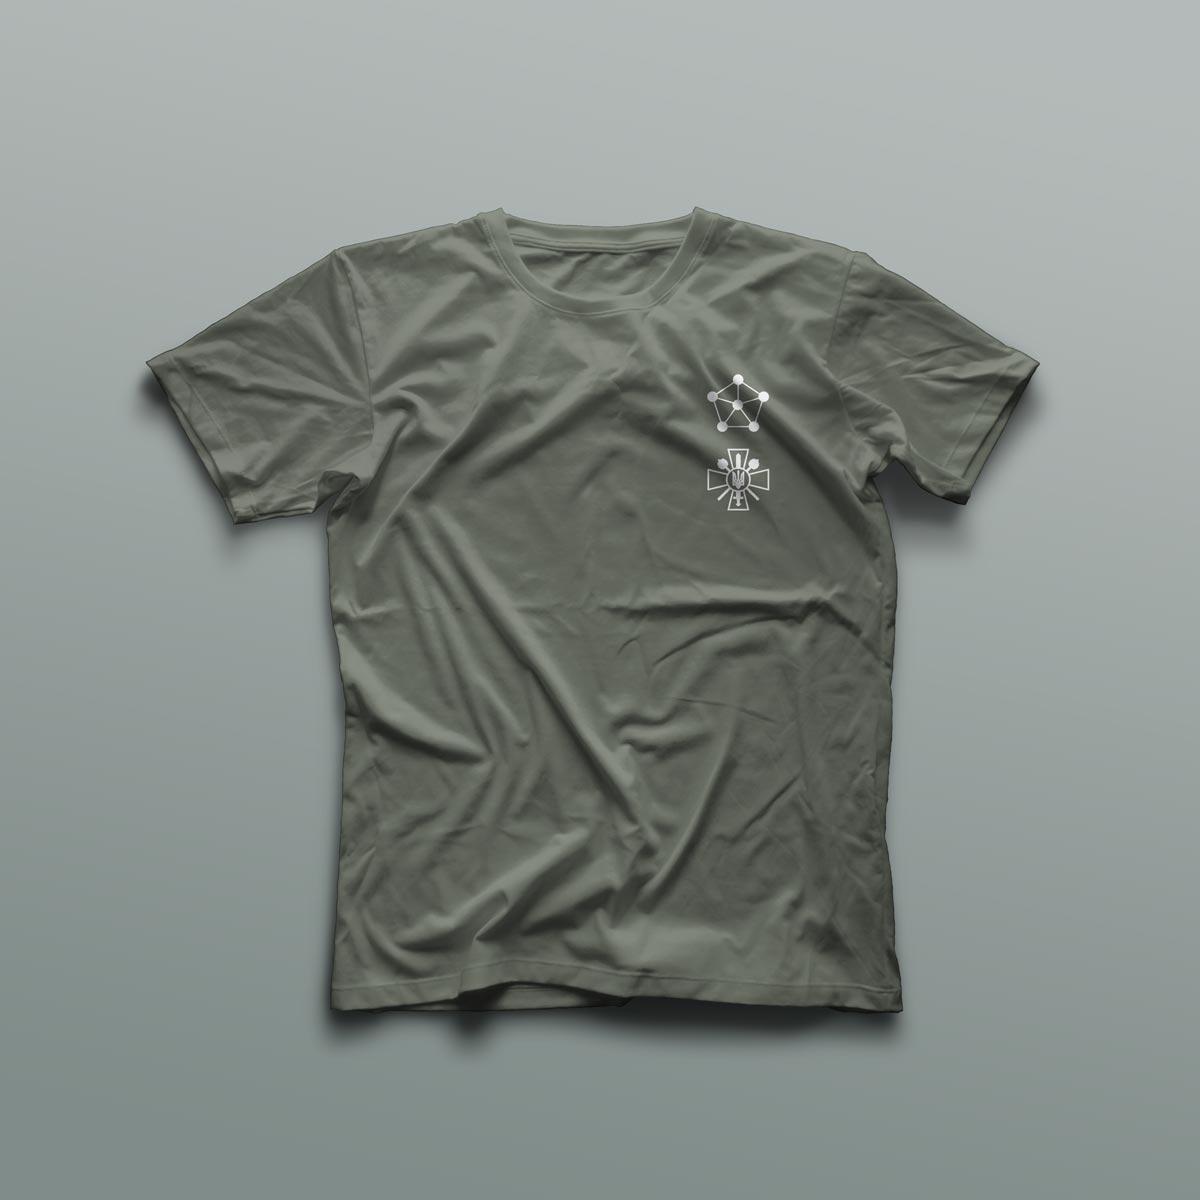 Эмблема может наносится на форменную одежду сотрудников.